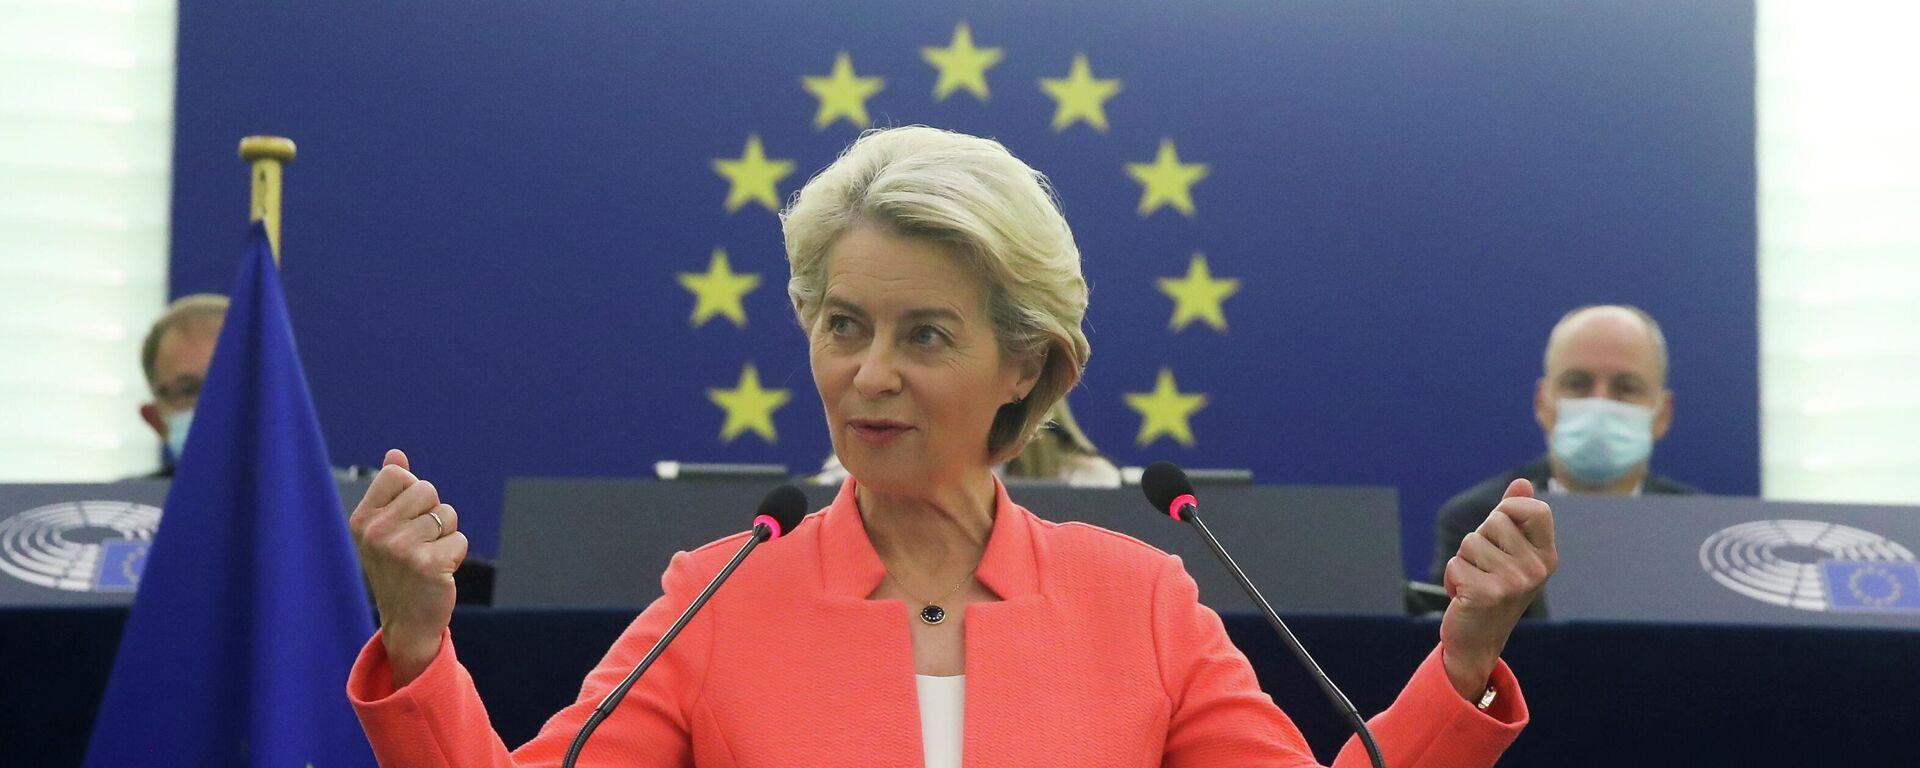 EU-Kommissionspräsidentin Ursula von der Leyen - SNA, 1920, 06.10.2021